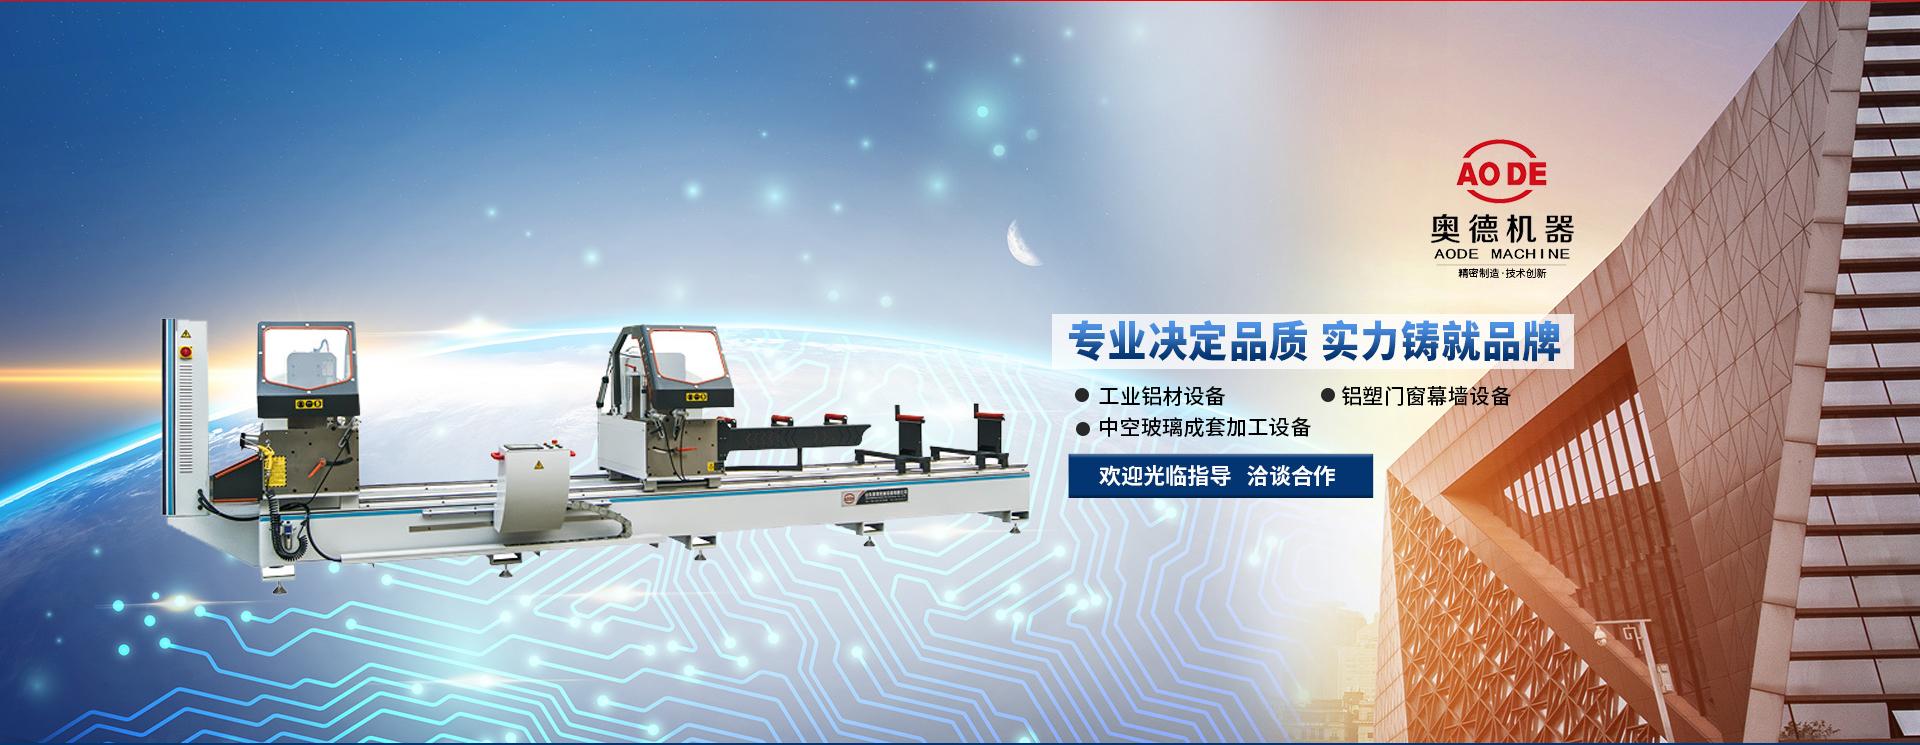 工业铝材设备